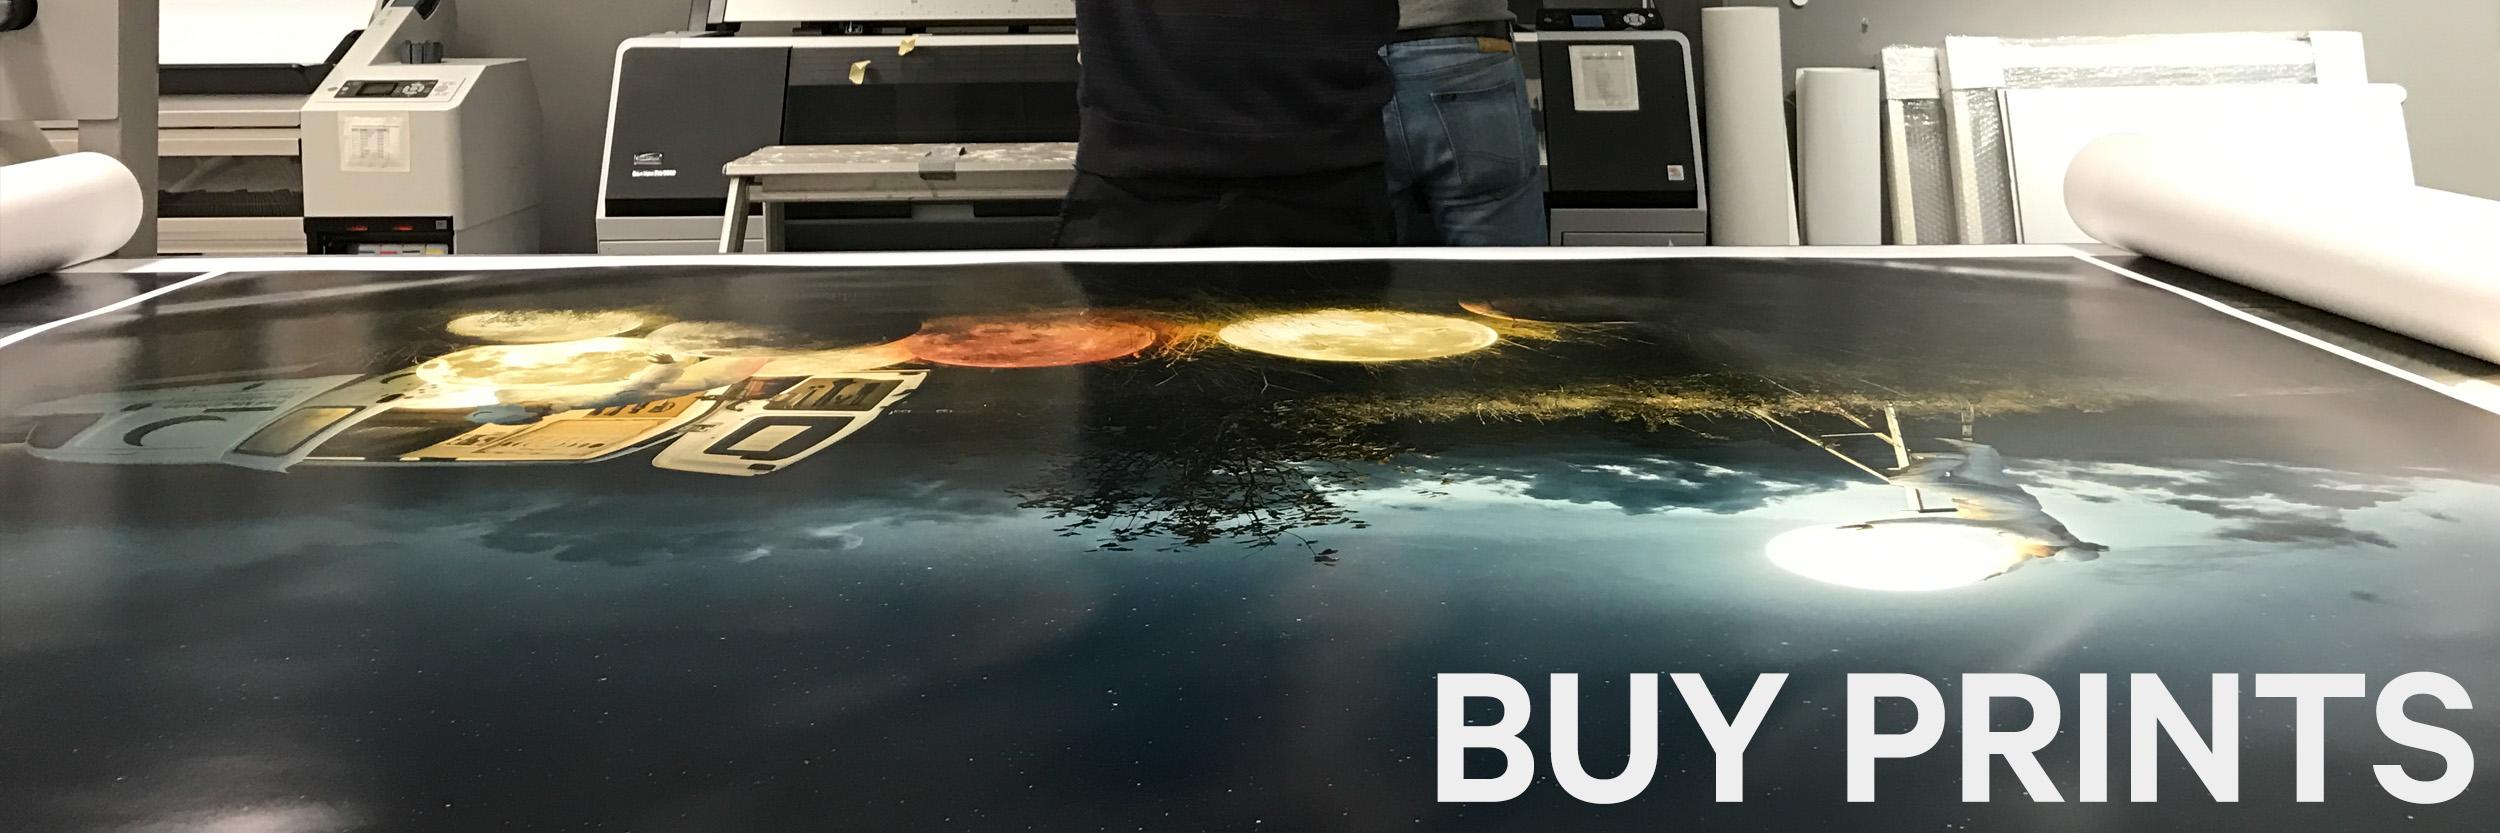 buyprint_banner3.jpg